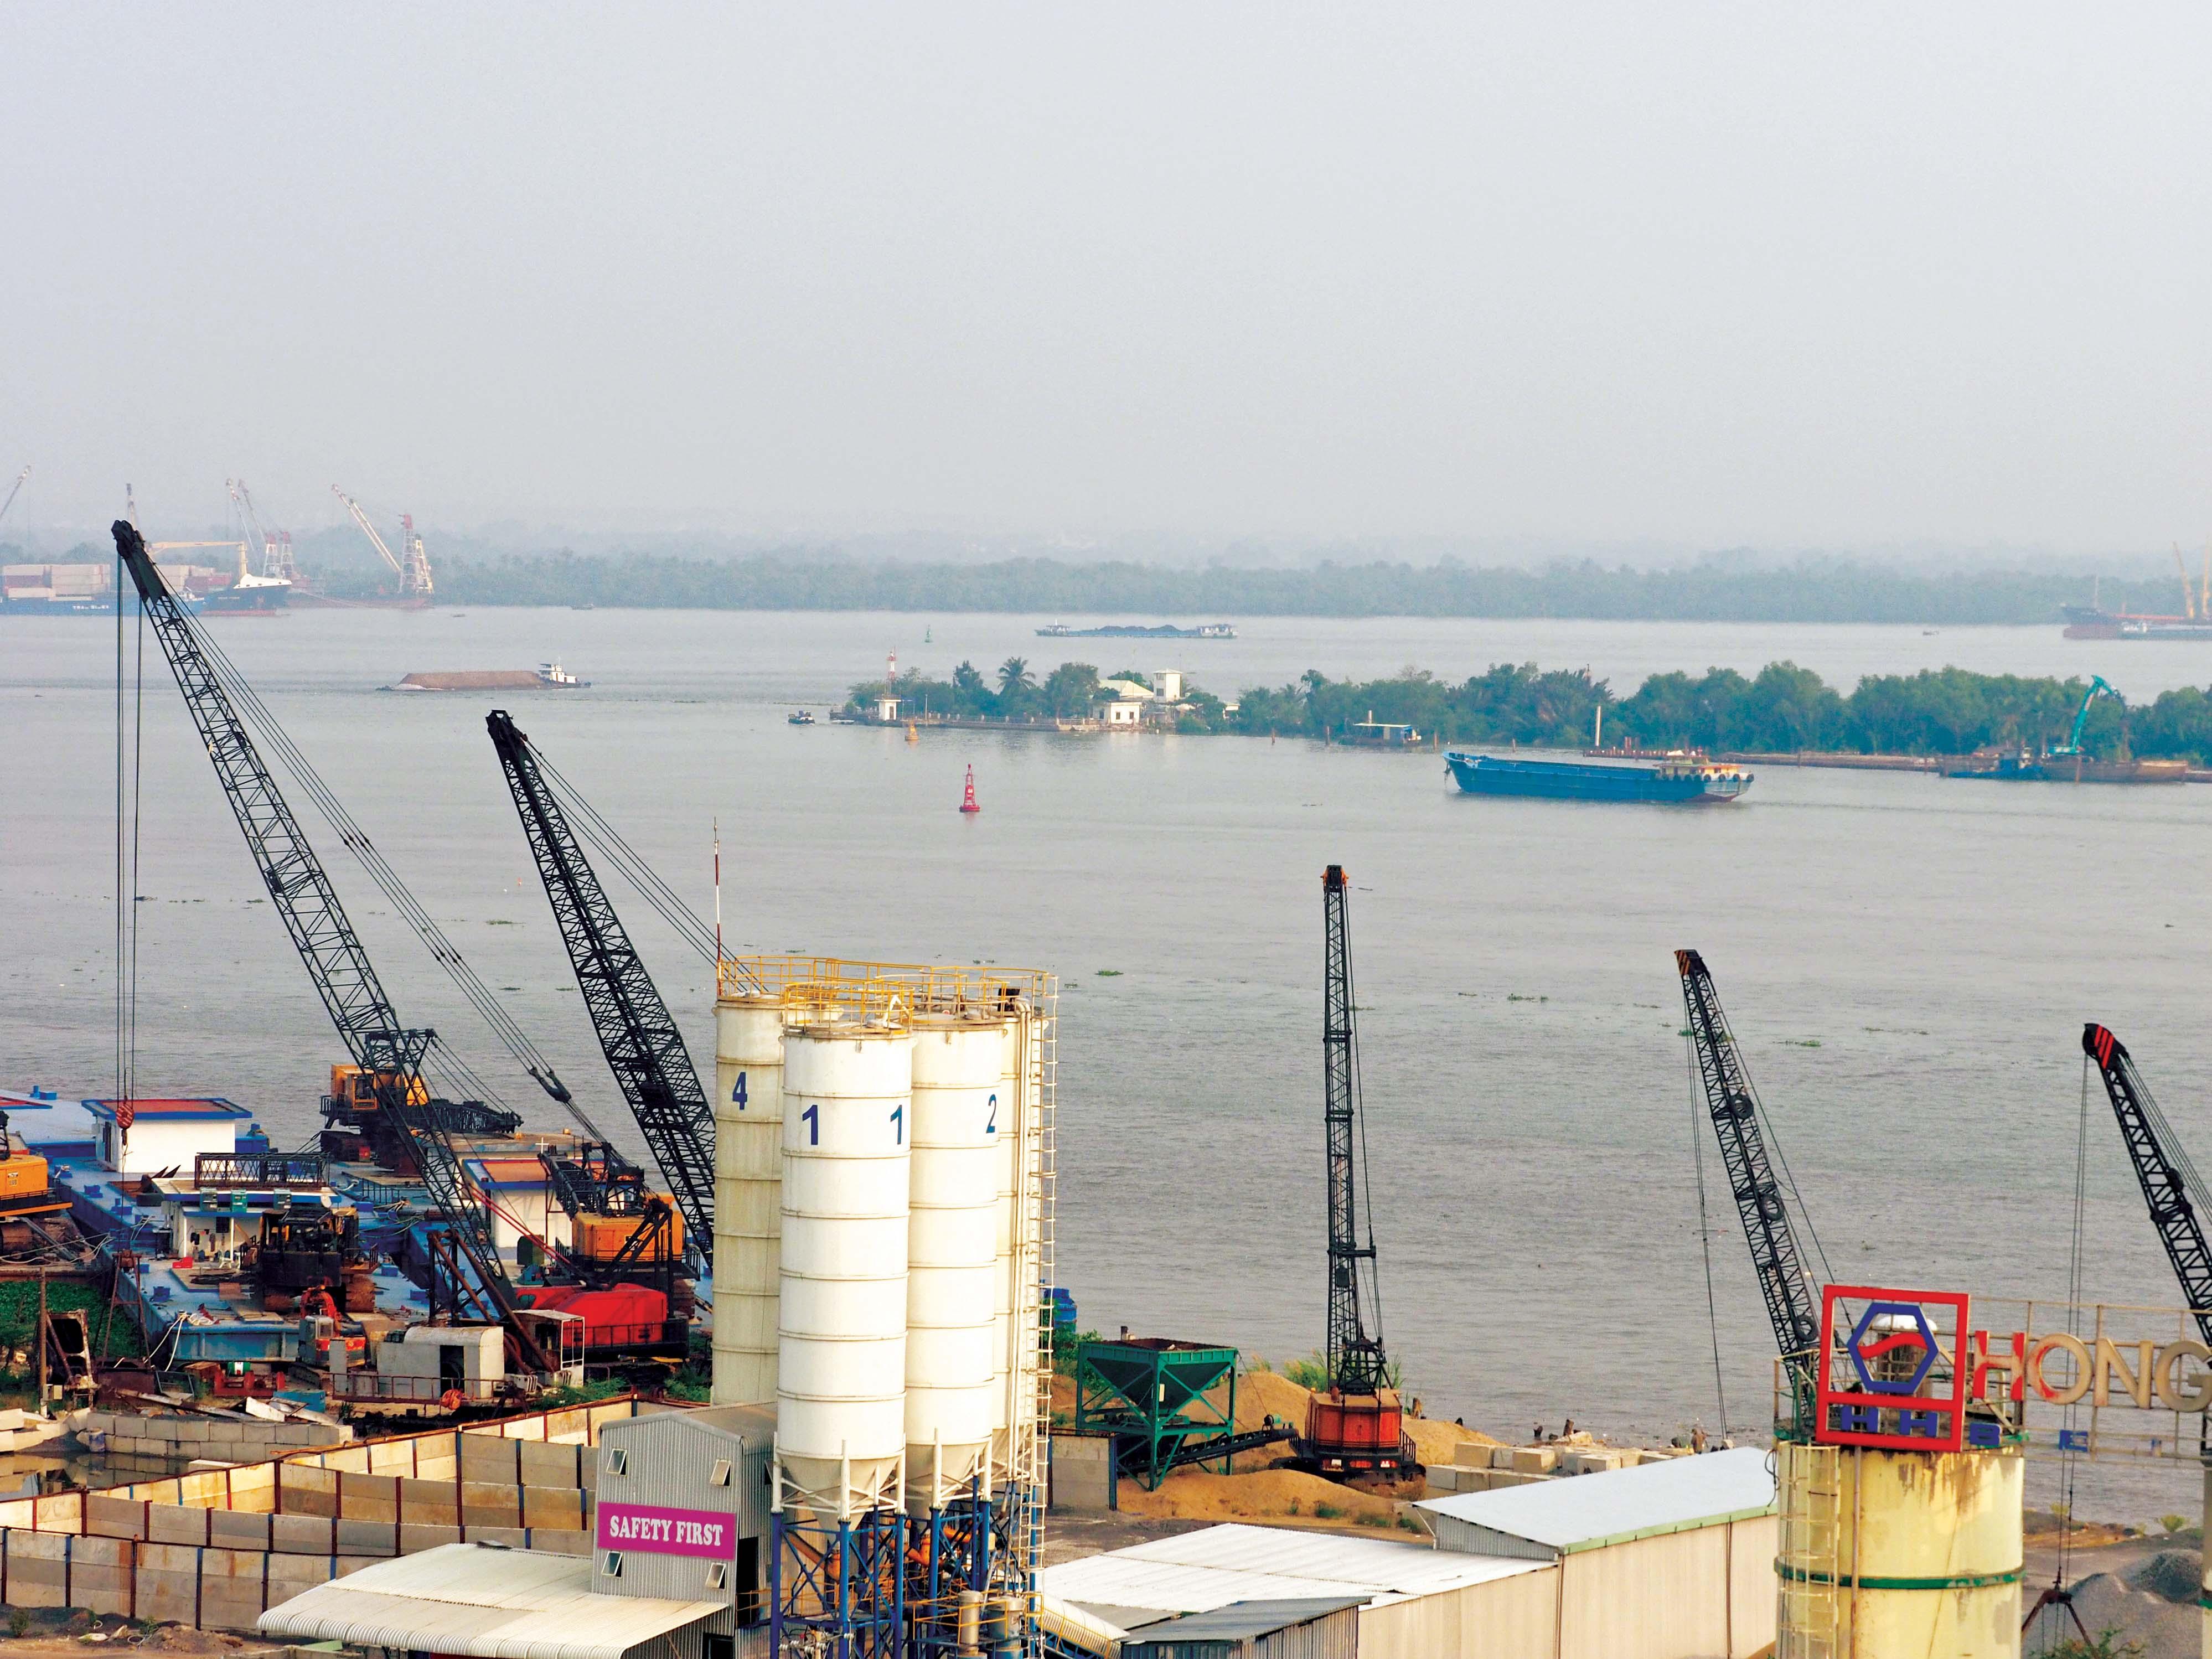 Một buổi chiều âm u, đứng trên cầu Phú Mỹ, tôi hướng mắt về ngã ba sông -  Mũi Đèn Đỏ - điểm chia hai con nước, nhánh về Đồng Nai, nhánh chảy qua Sài Gòn